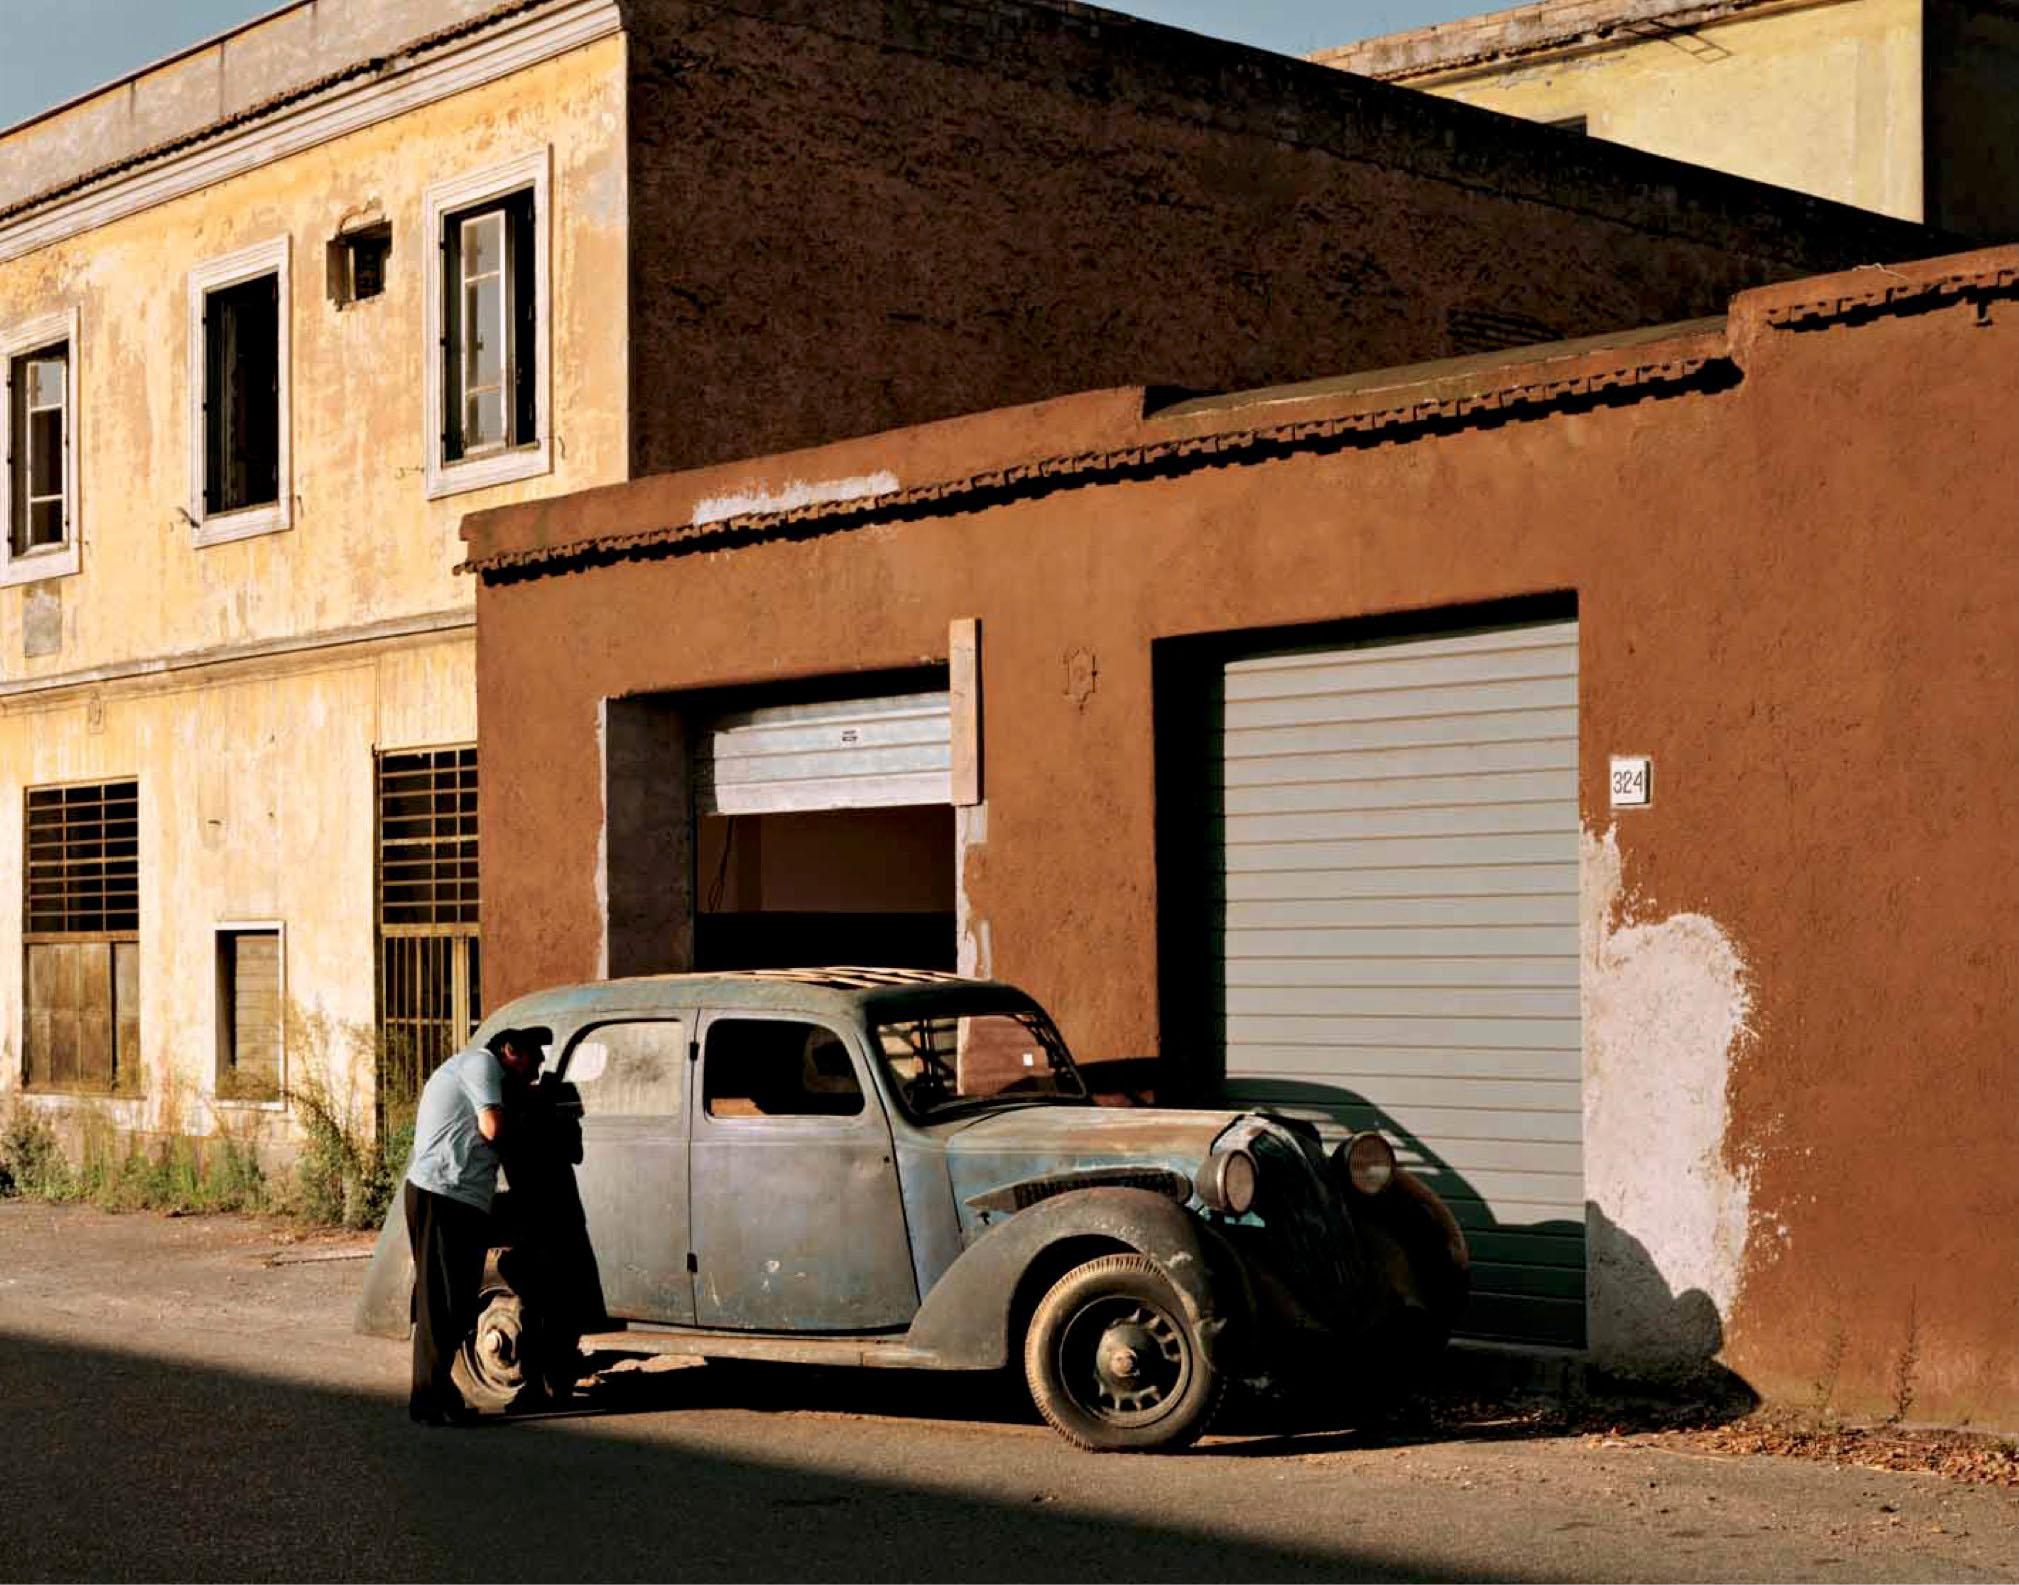 Near Quattro Miglio, Rome, July 1990